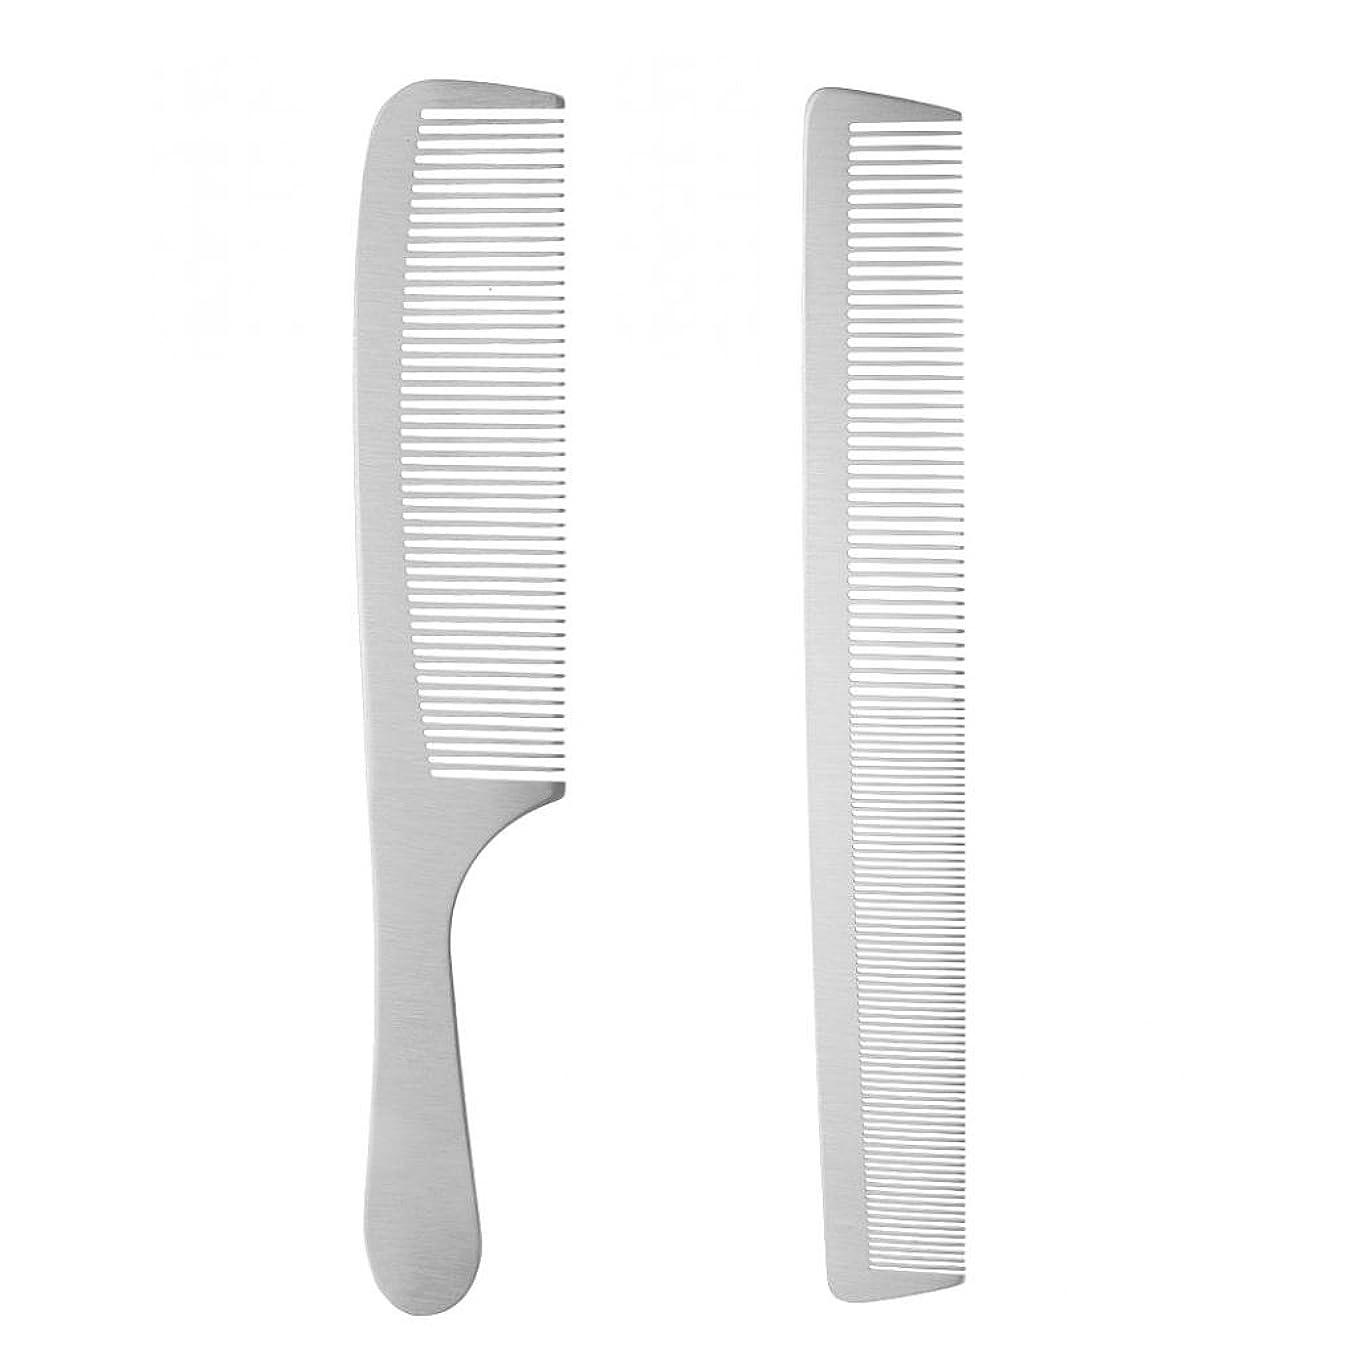 エゴマニア興奮するチロBaosity 2個 ヘアスタイリング ヘアカットコーム 櫛 ヘアブラシ ステンレス鋼 サロン 理髪師 カッティング 耐久性 耐熱性